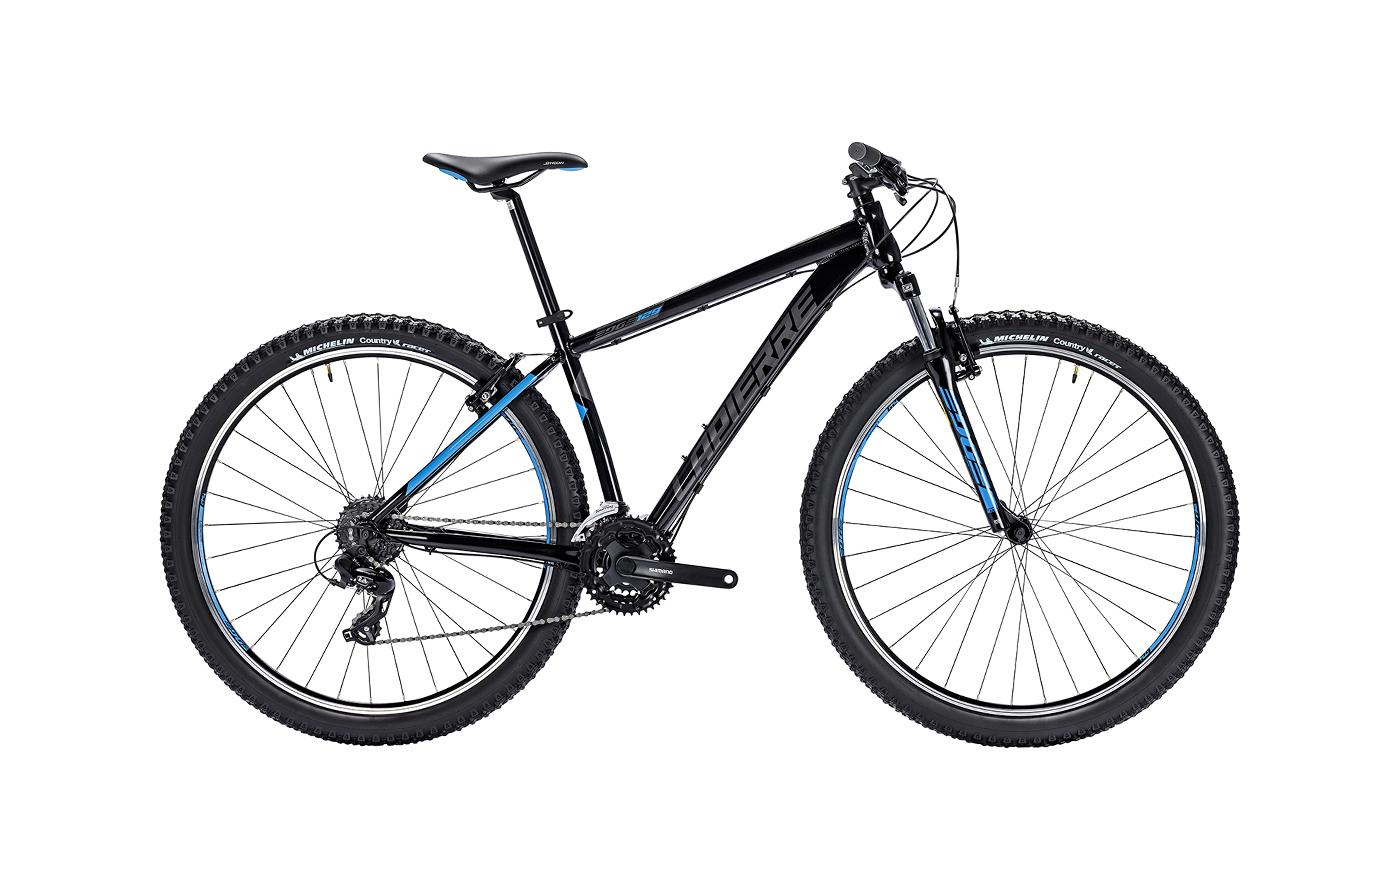 Bicykel LAPIERRE EDGE 127 2018